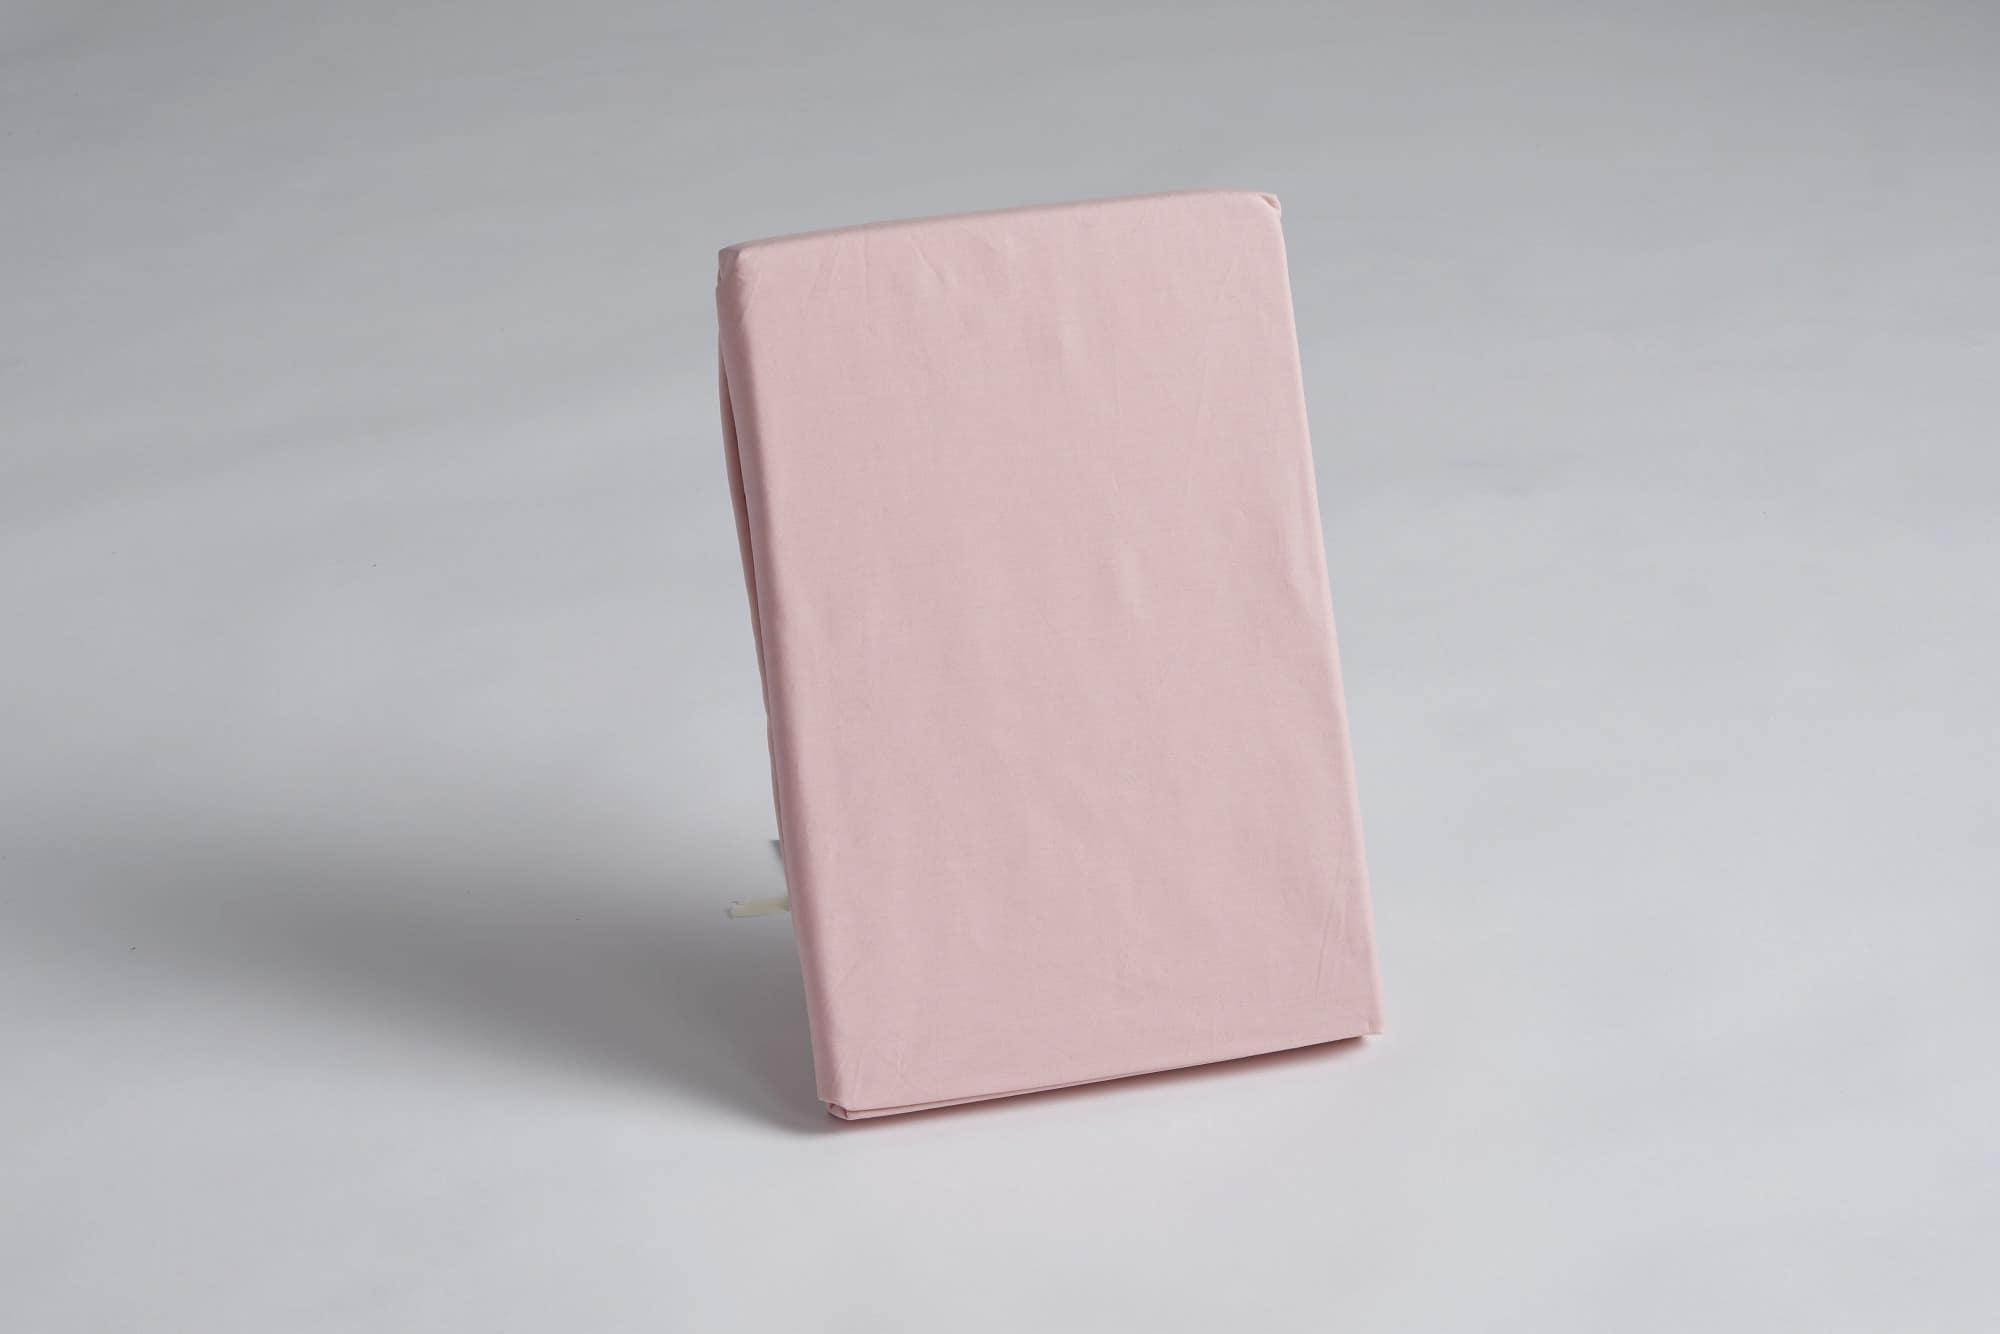 ボックスシーツ シングル用 30H ピンク:《綿100%を使用したボックスシーツ》